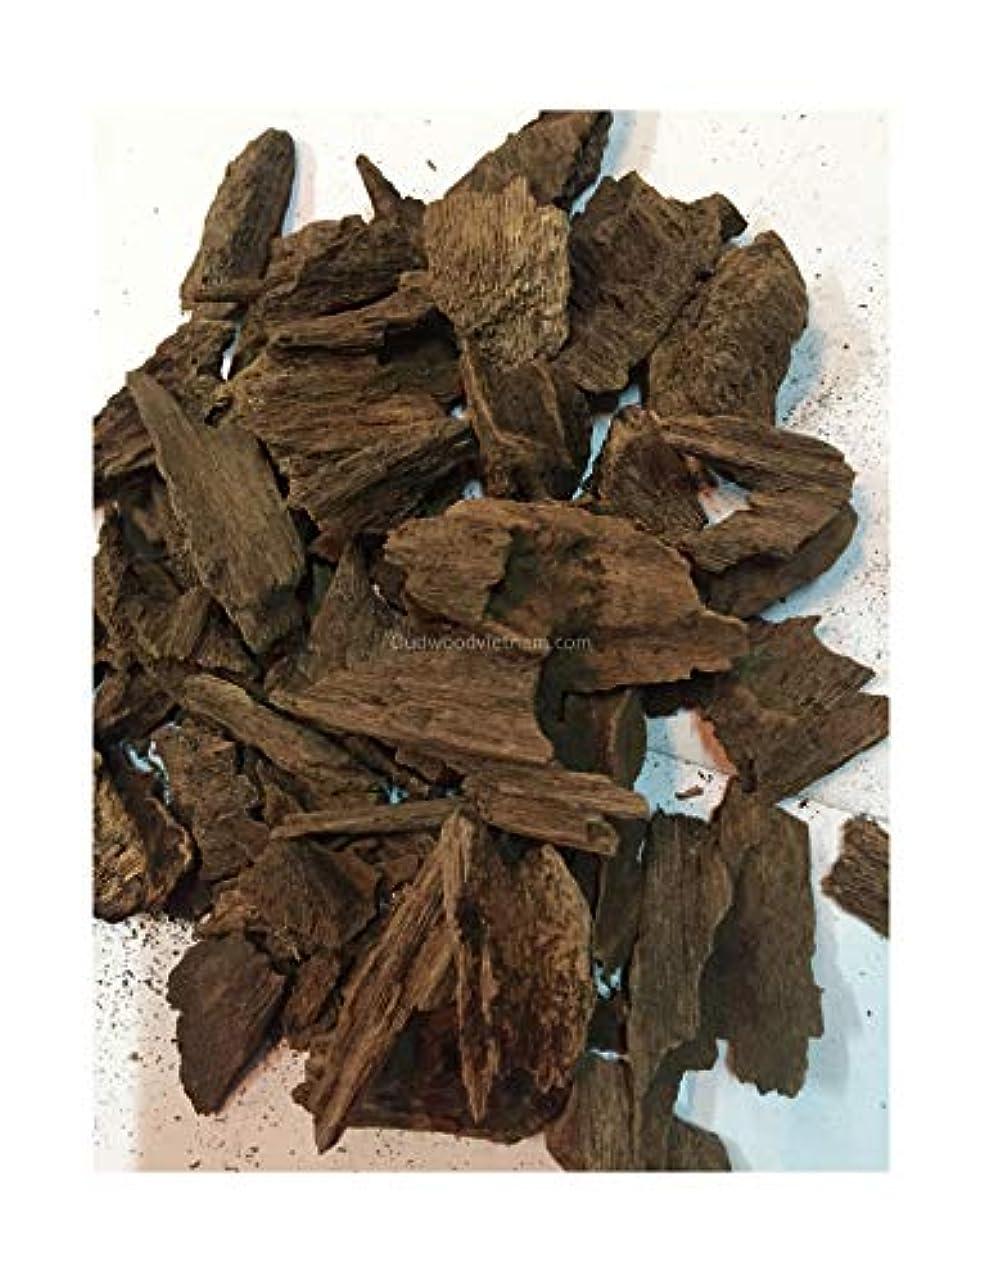 信頼性のあるに慣れ法律オウドチップス オードチップ インセンス アロマ ナチュラル ワイルド レア アガーウッド チップ オードウッド ベトナム 純素材 グレードA++ 10 Grams ブラック